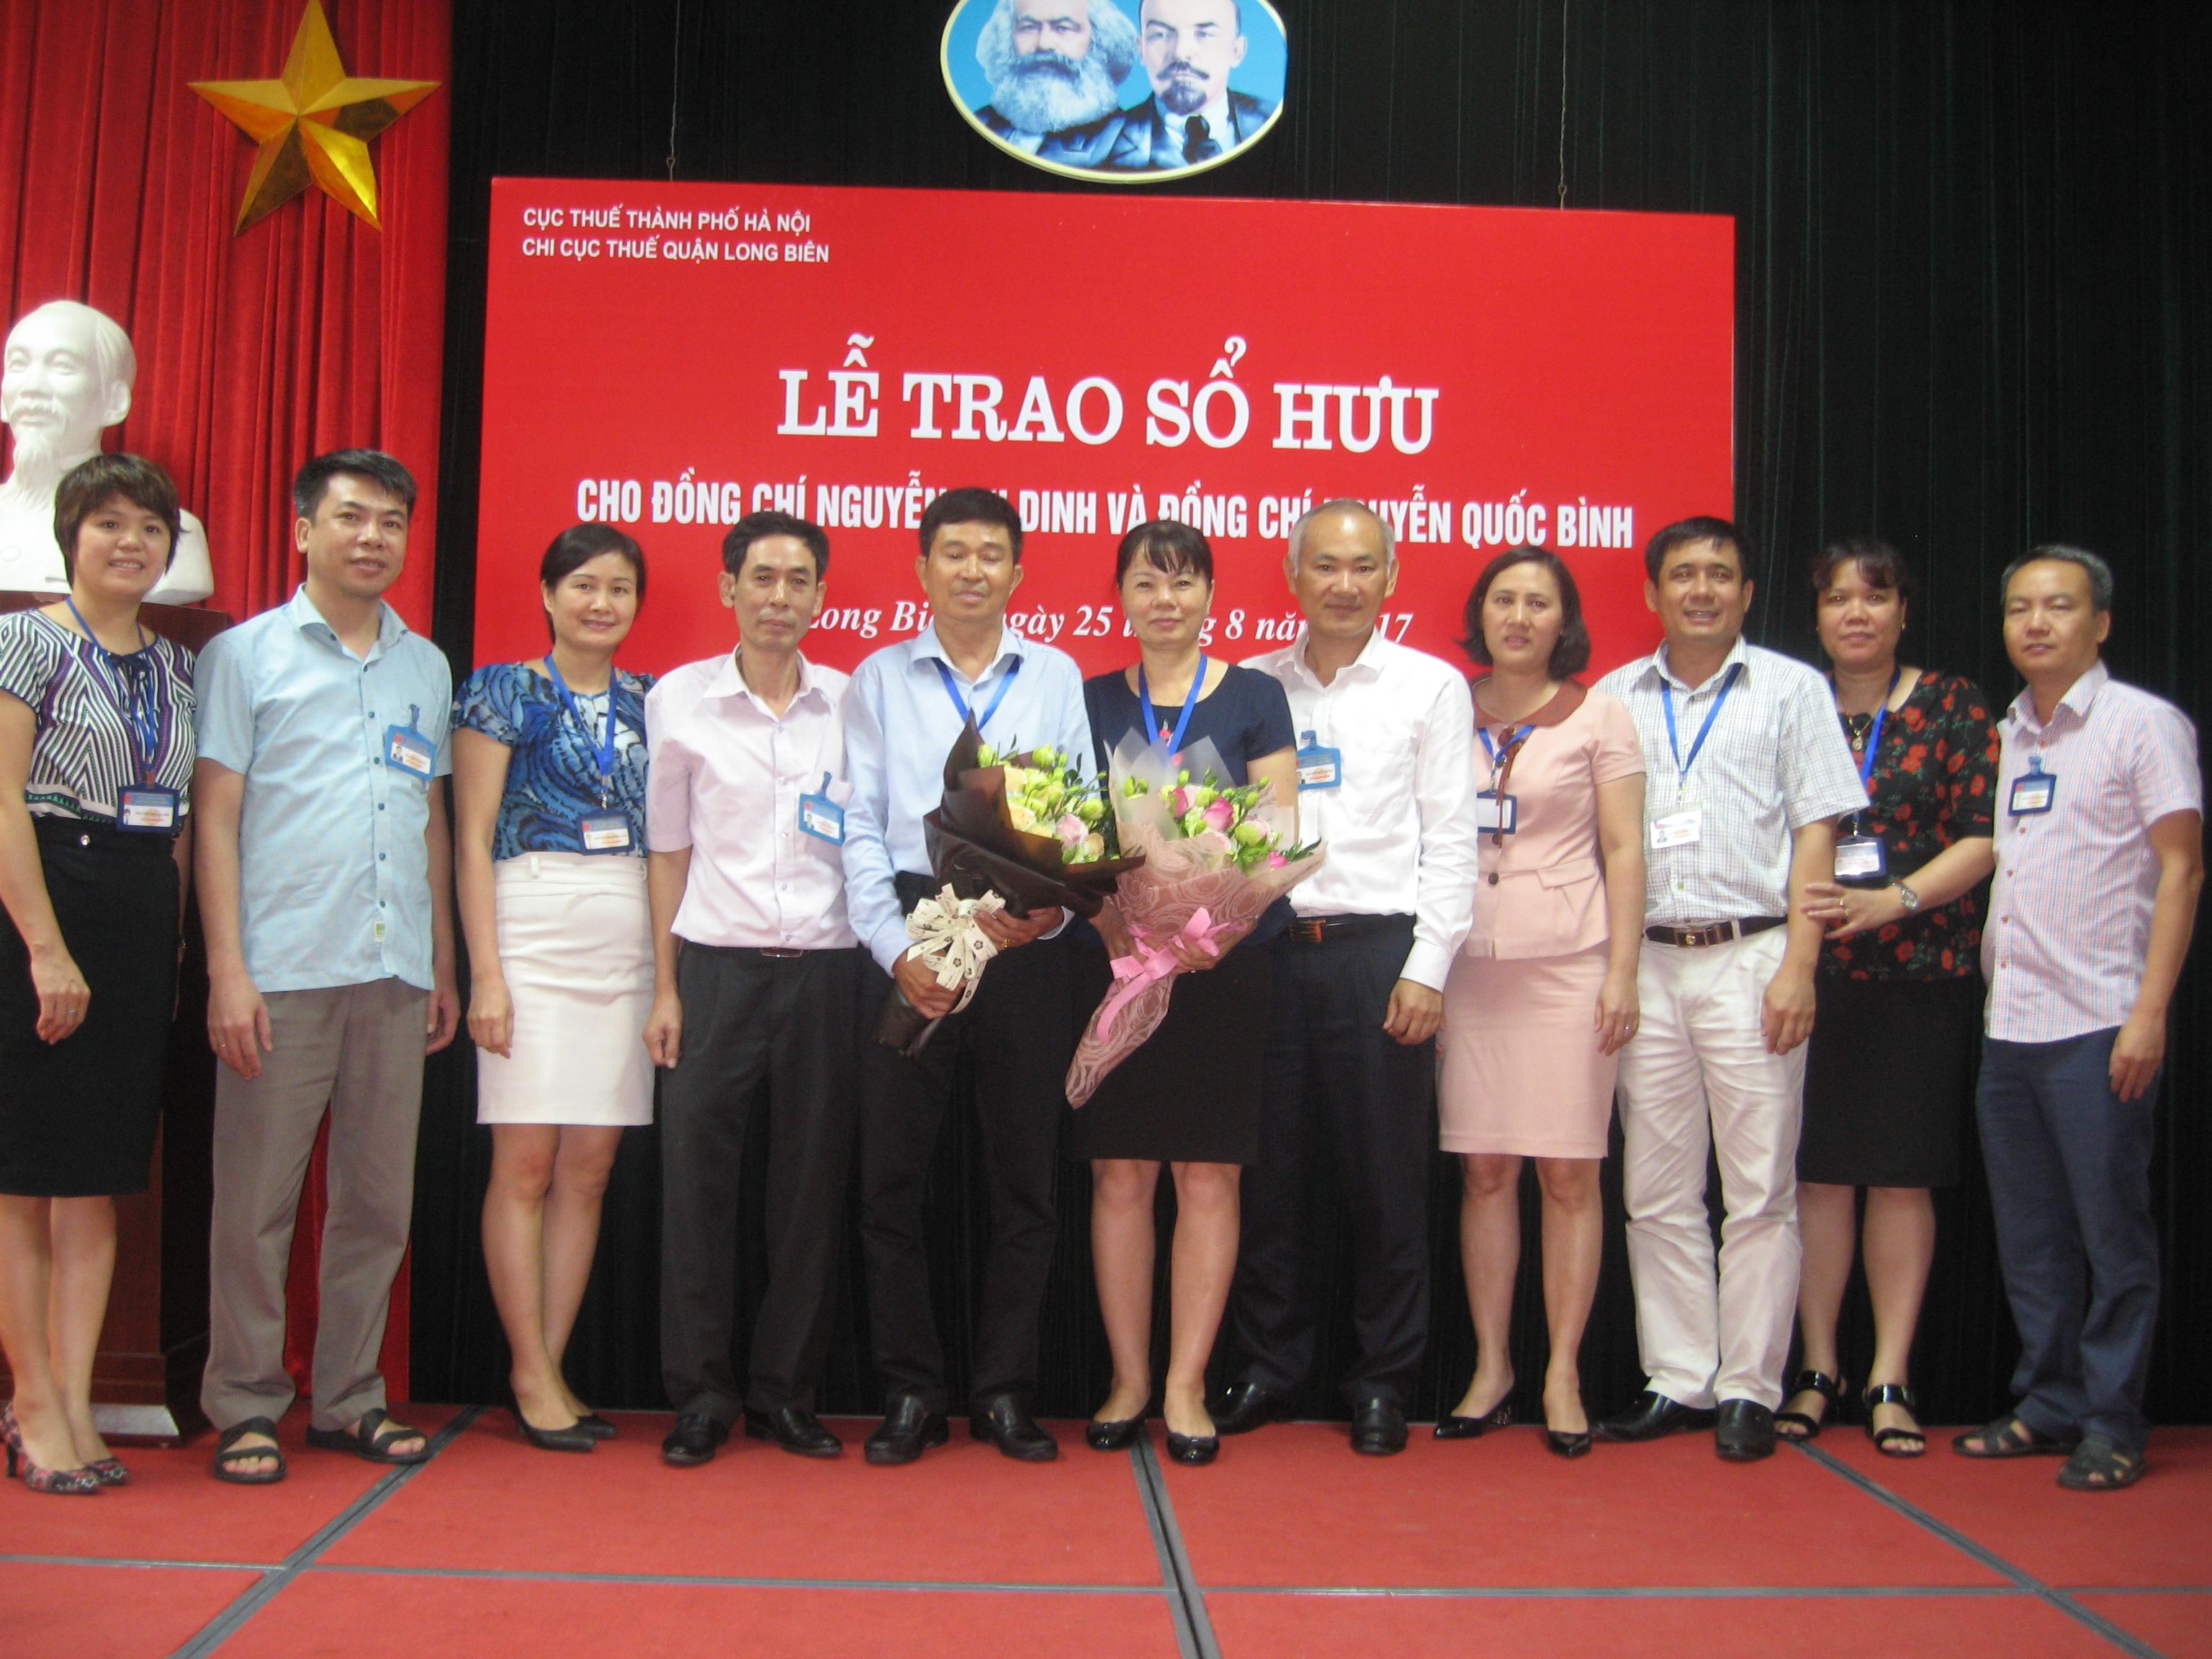 Buổi lễ trrao sổ hưu cho đc Nguyễn Thị Dinh và đc Nguyễn Quốc Bình.JPG